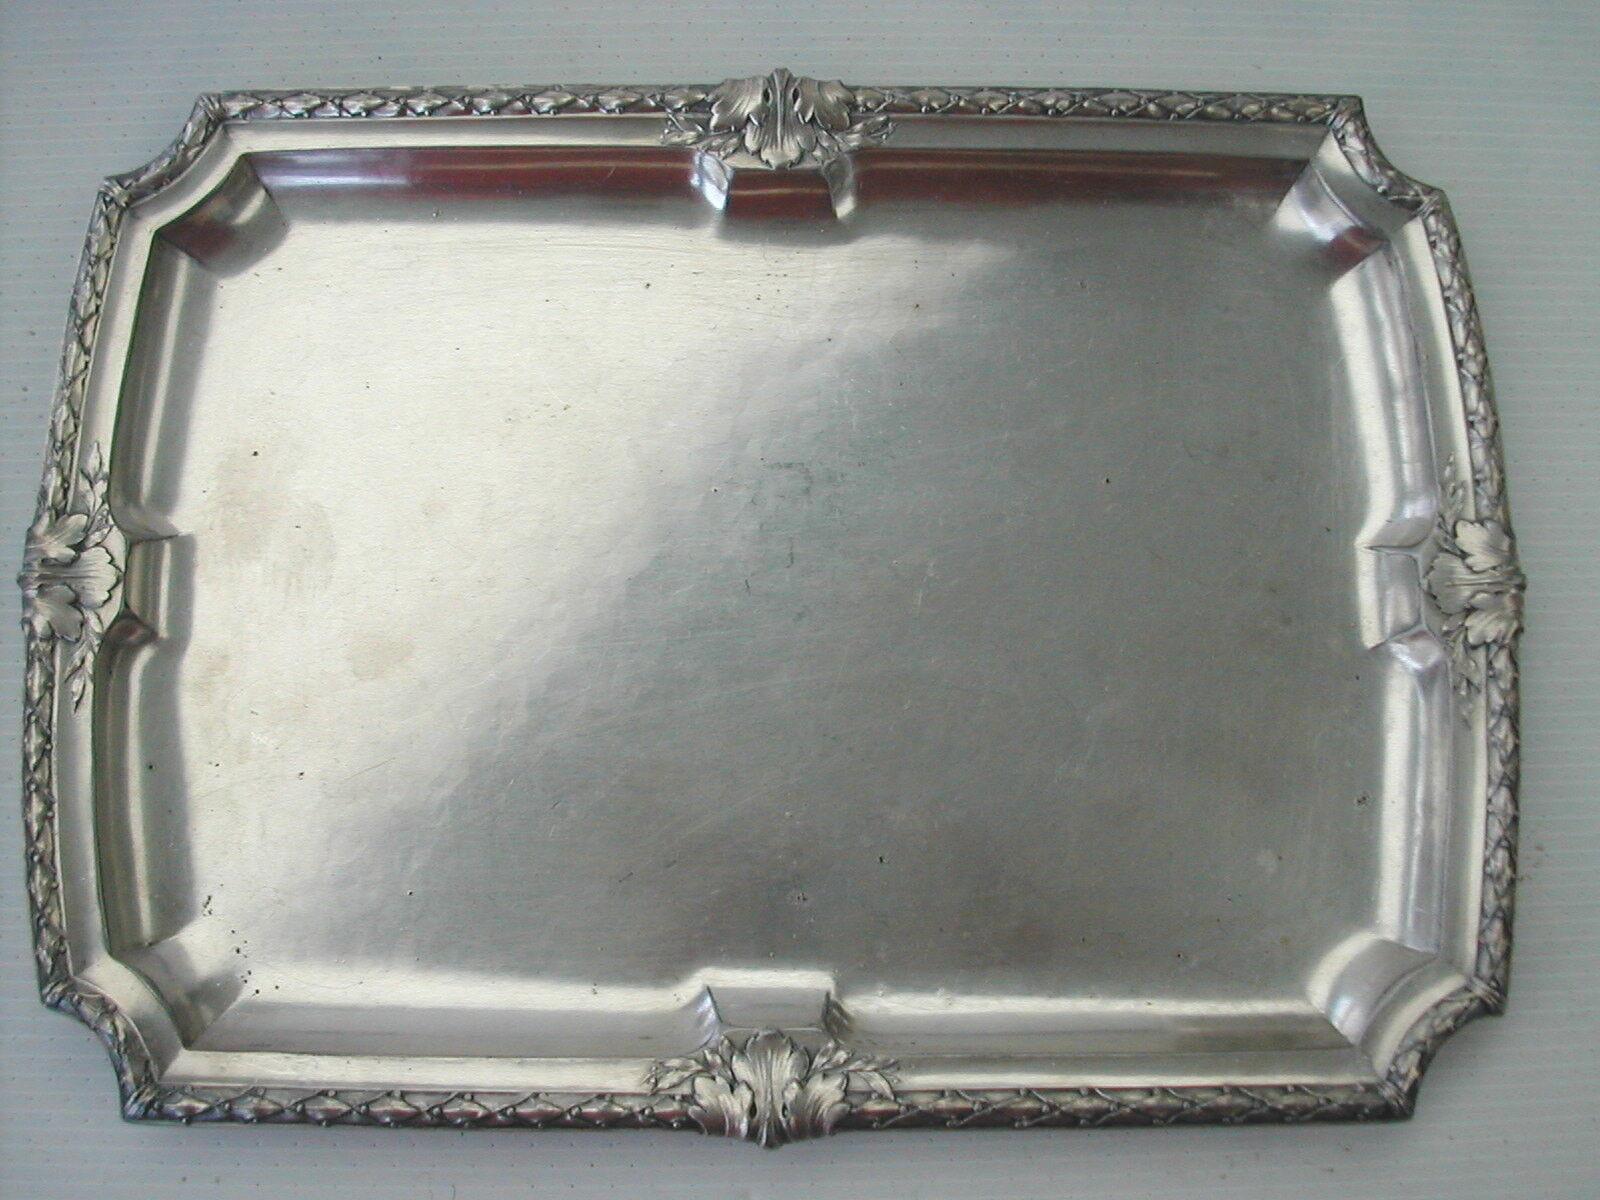 PETIT PLATEAU RECTANGULAIRE GALLIA N° 5125 DEBUT XXème siècle